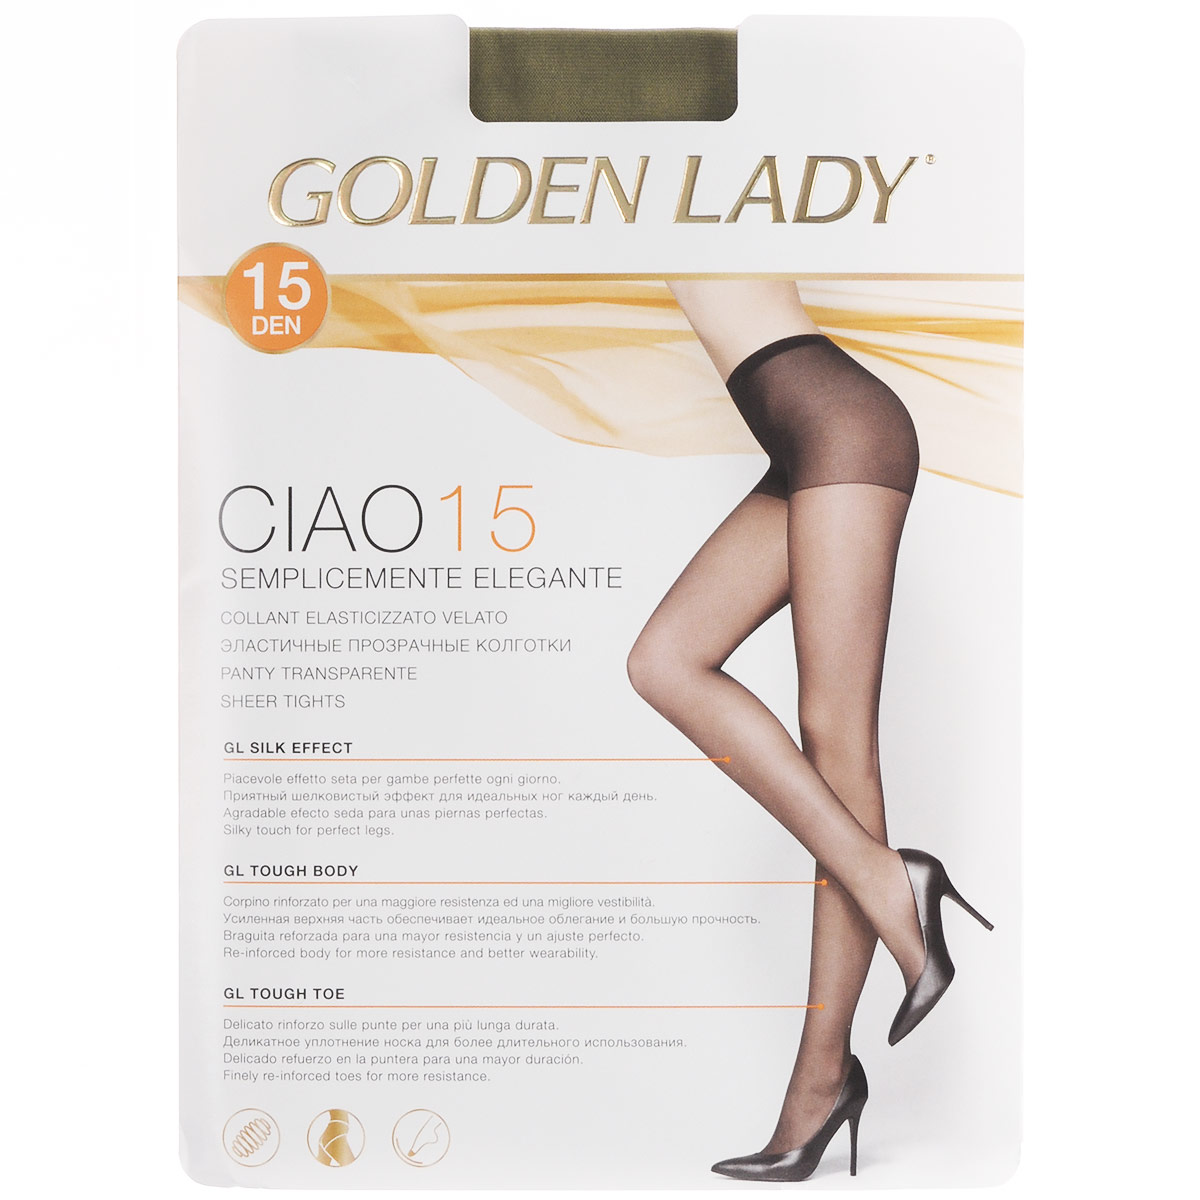 Колготки женские Golden Lady Ciao 15, цвет: Daino (бледно-коричневый). 36N-UR. Размер 4 (L)36N-URТонкие эластичные колготки Golden Lady Ciao с комфортными швами и укрепленным мыском. Плотность: 15 den.